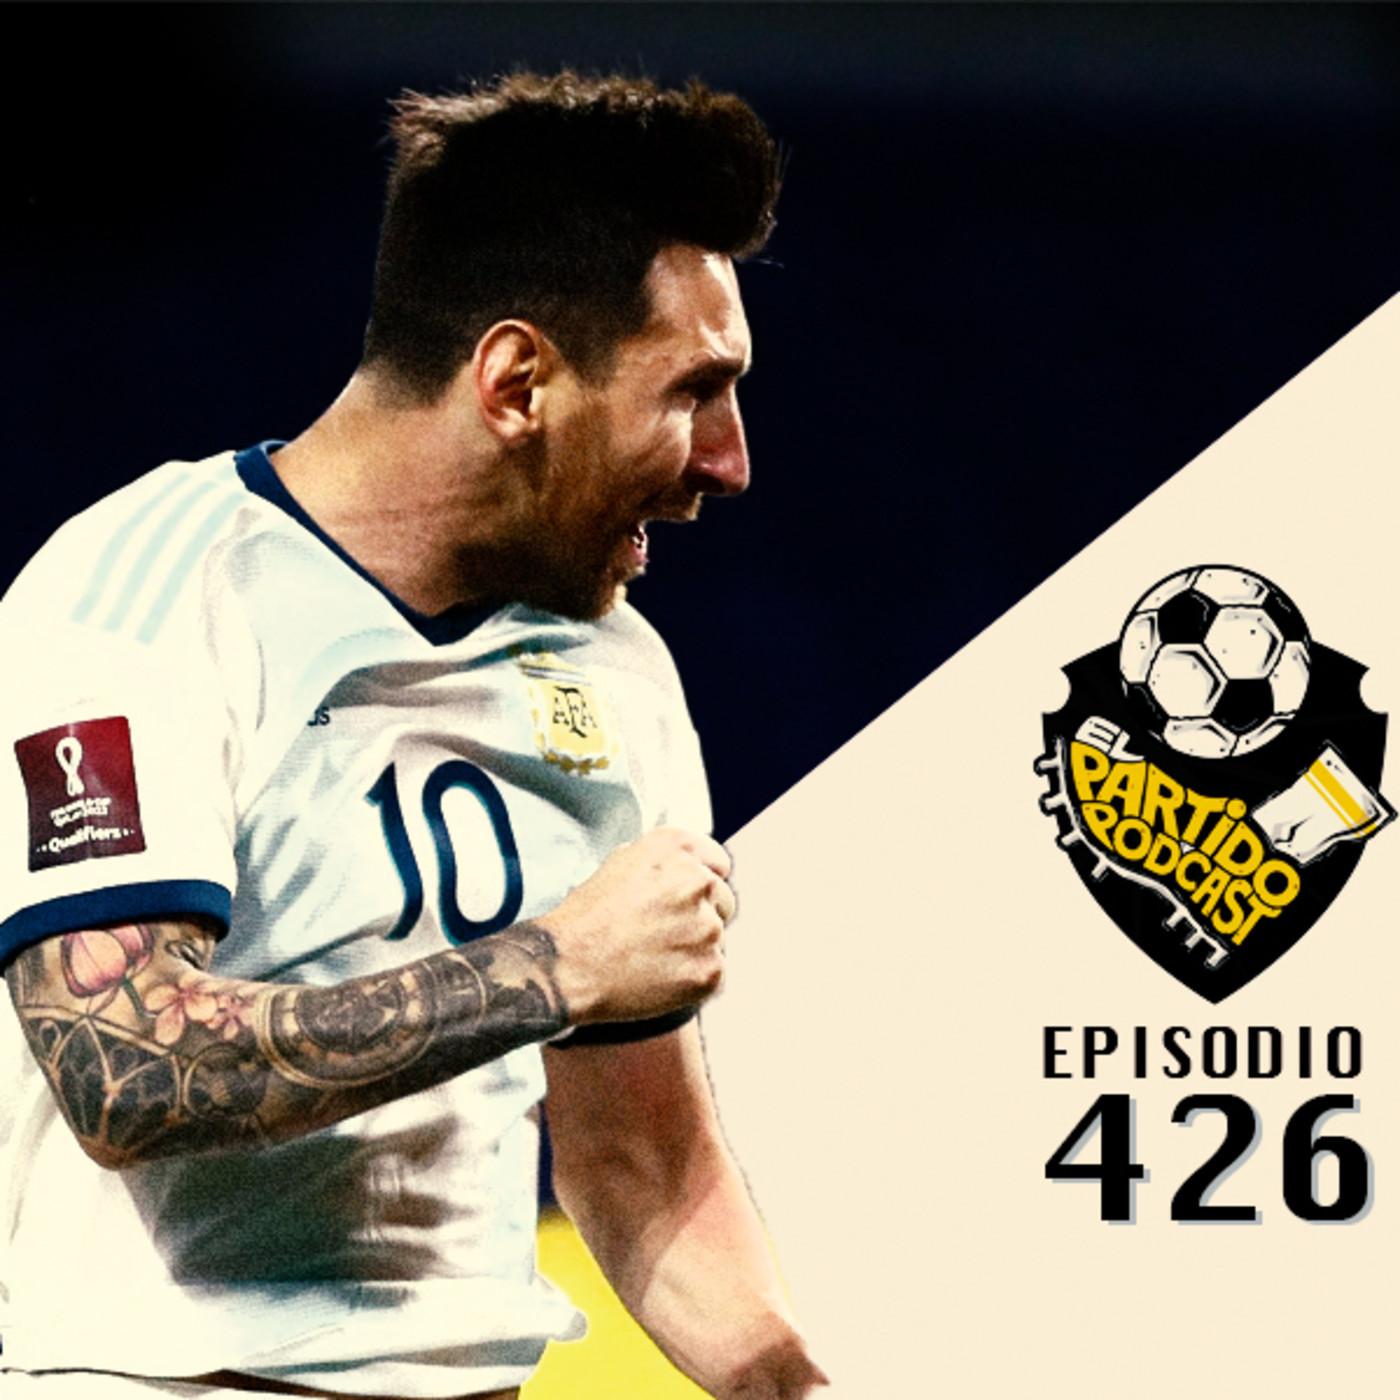 Ep 426: Arrancan las eliminatorias sudamericanas